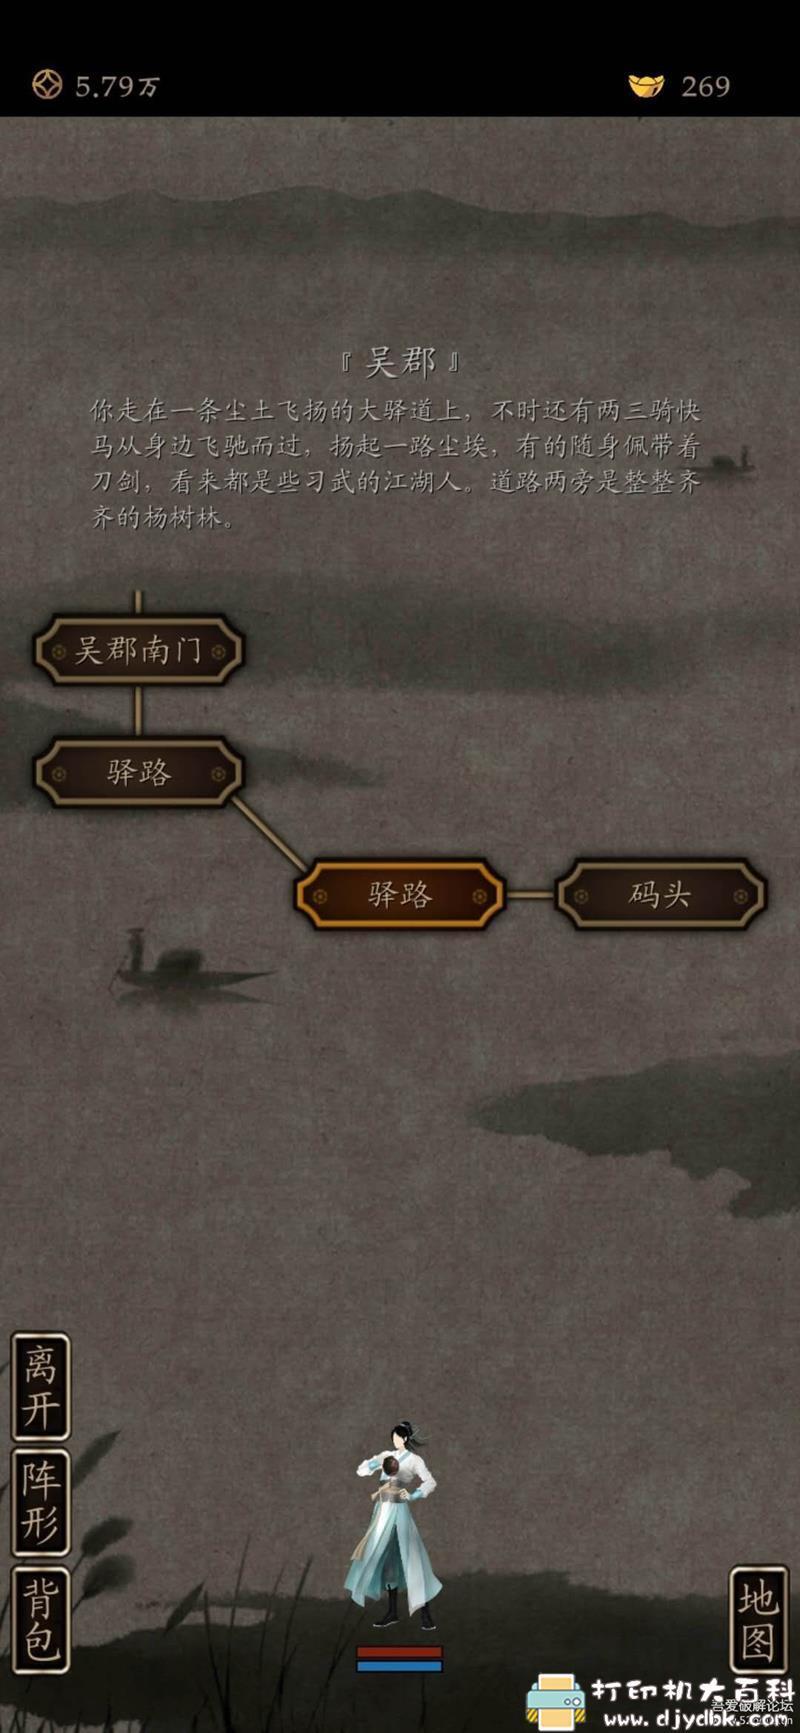 安卓游戏分享:凌烟诀之江湖侠客行1.3无限元宝版 配图 No.1